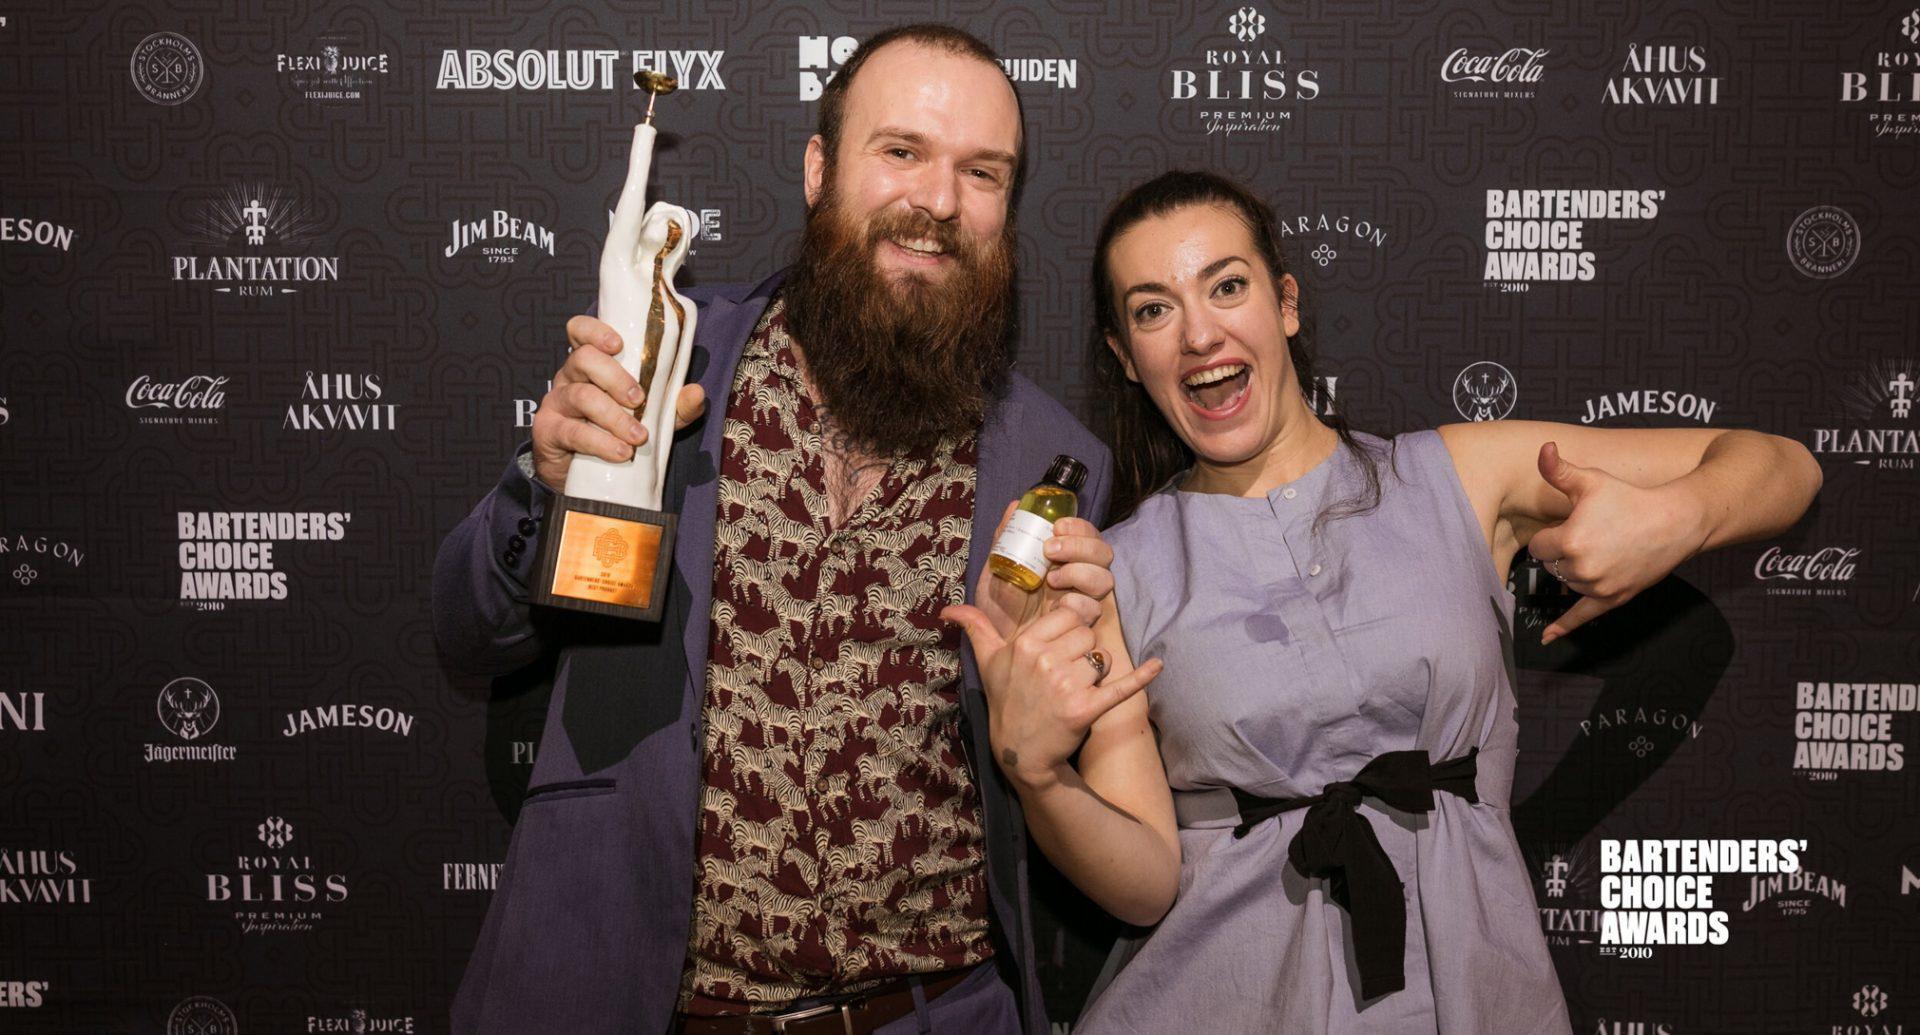 Hos Gedulgt: Vinderne af Bartender's Choice Awards 2019 laver et unikt pop-up lørdag aften